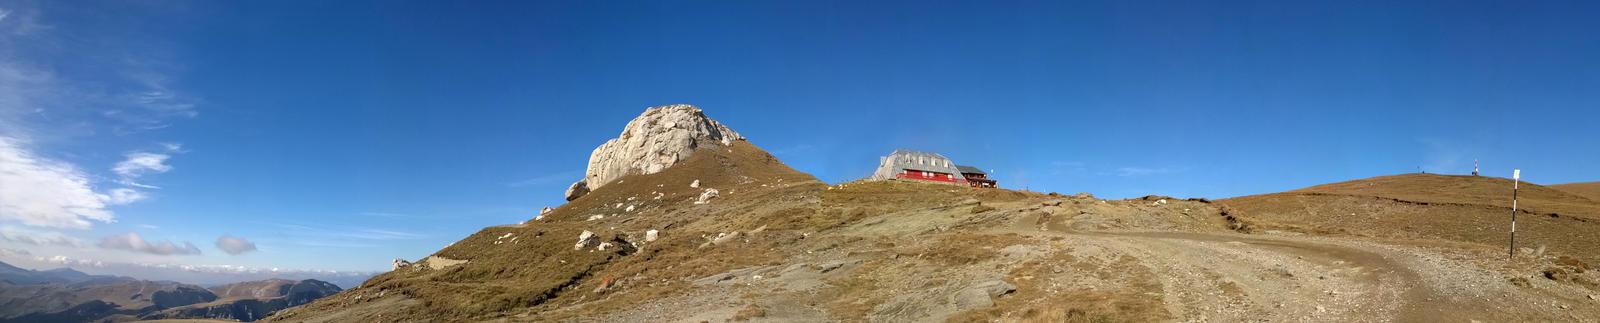 Bucegi Mountains Panorama by Sarahorsomeone